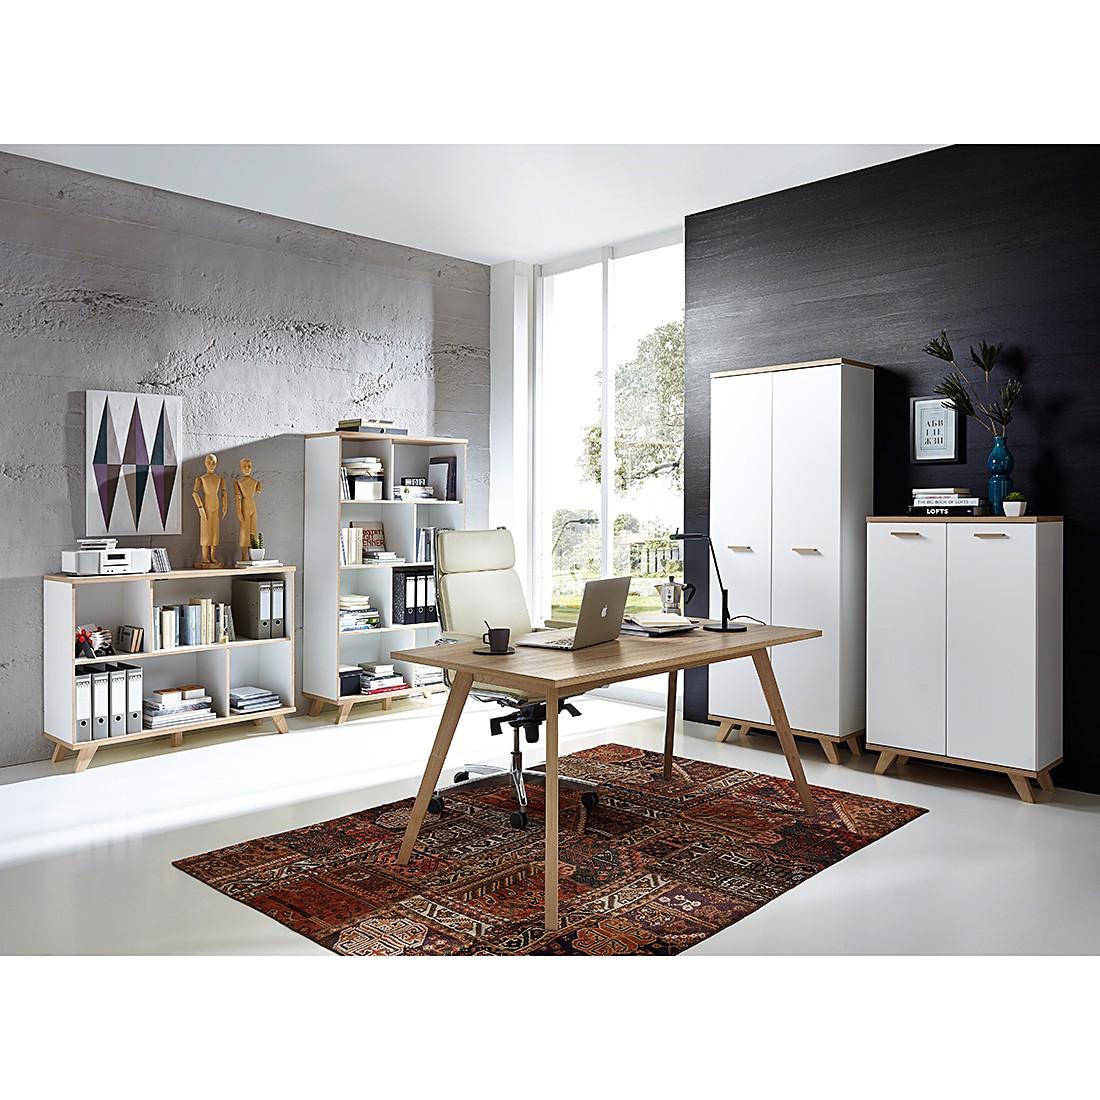 Büroset Neston I (5-teilig) - Eiche Sanremo Dekor/Weiß, Morteens